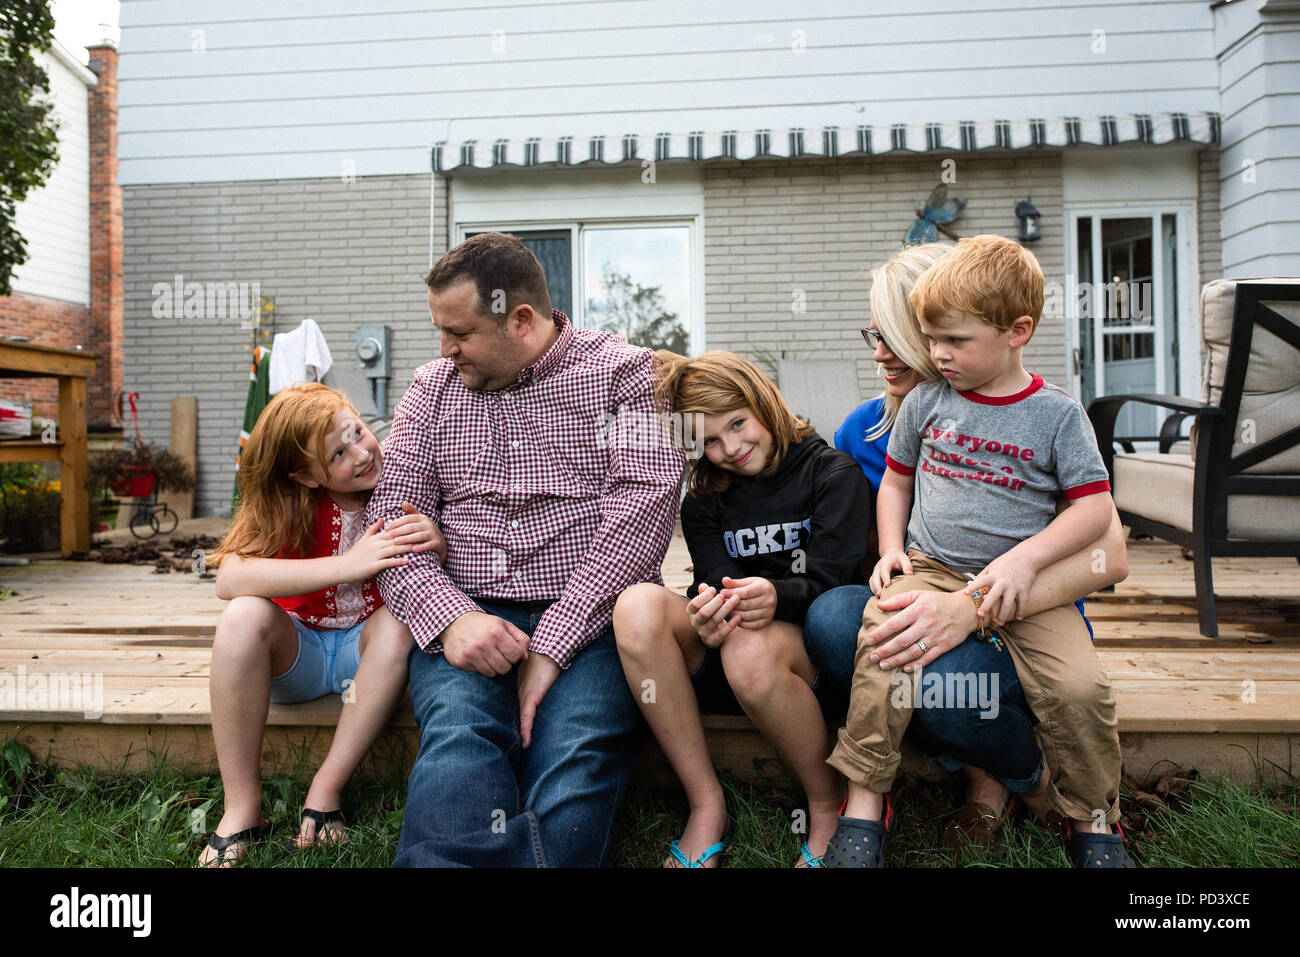 Famiglia di cinque persone sulla terrazza giardino Immagini Stock